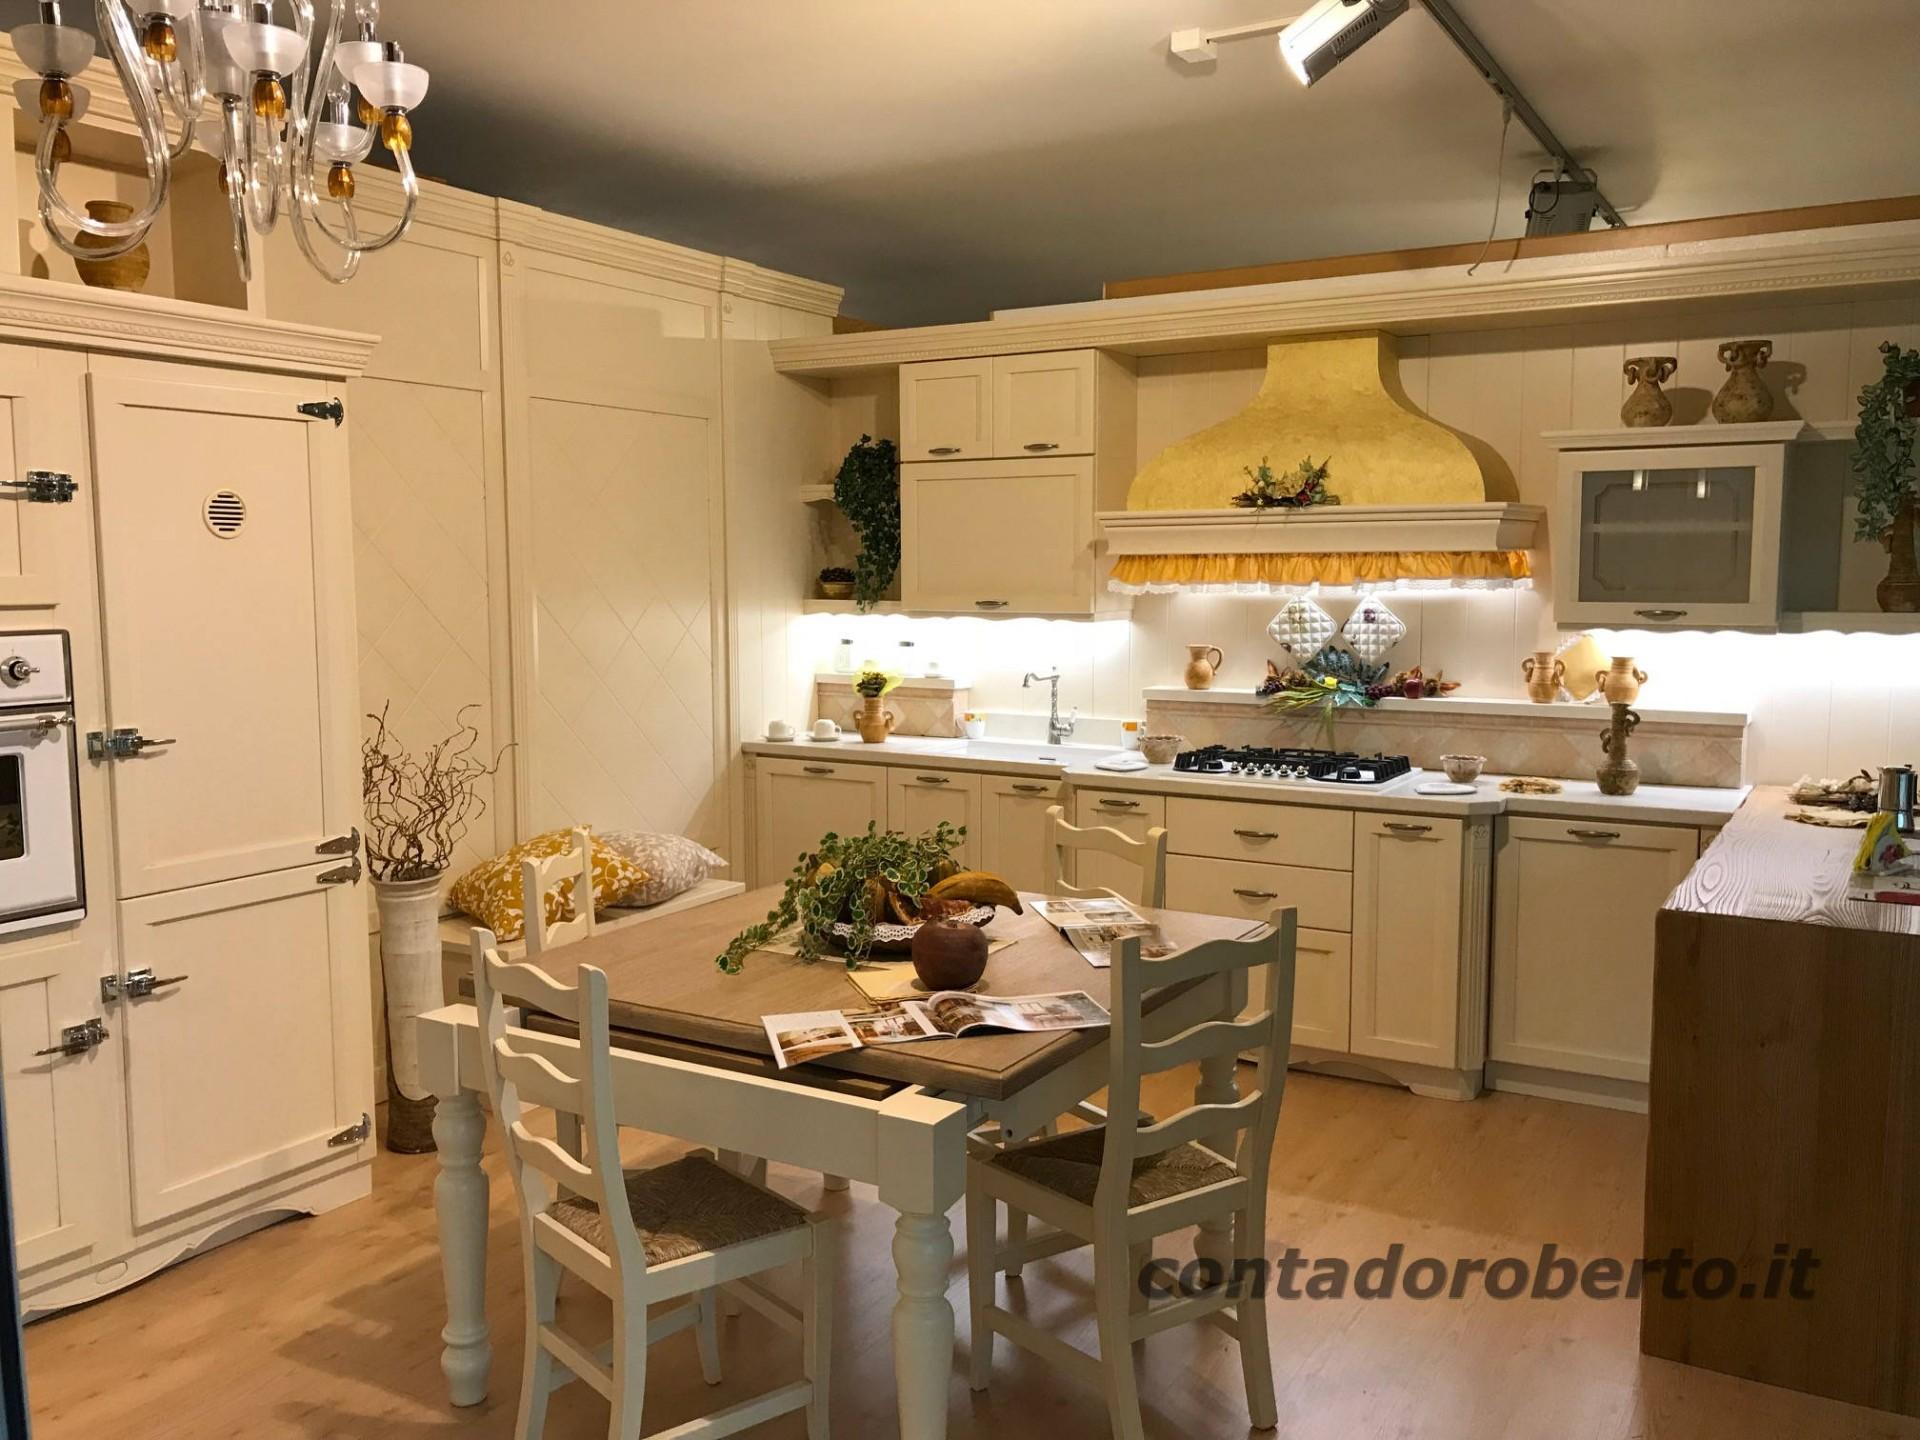 Cucina In Legno Country Chic Contado Roberto Group Cucine E Arredamenti Su Misura In Legno